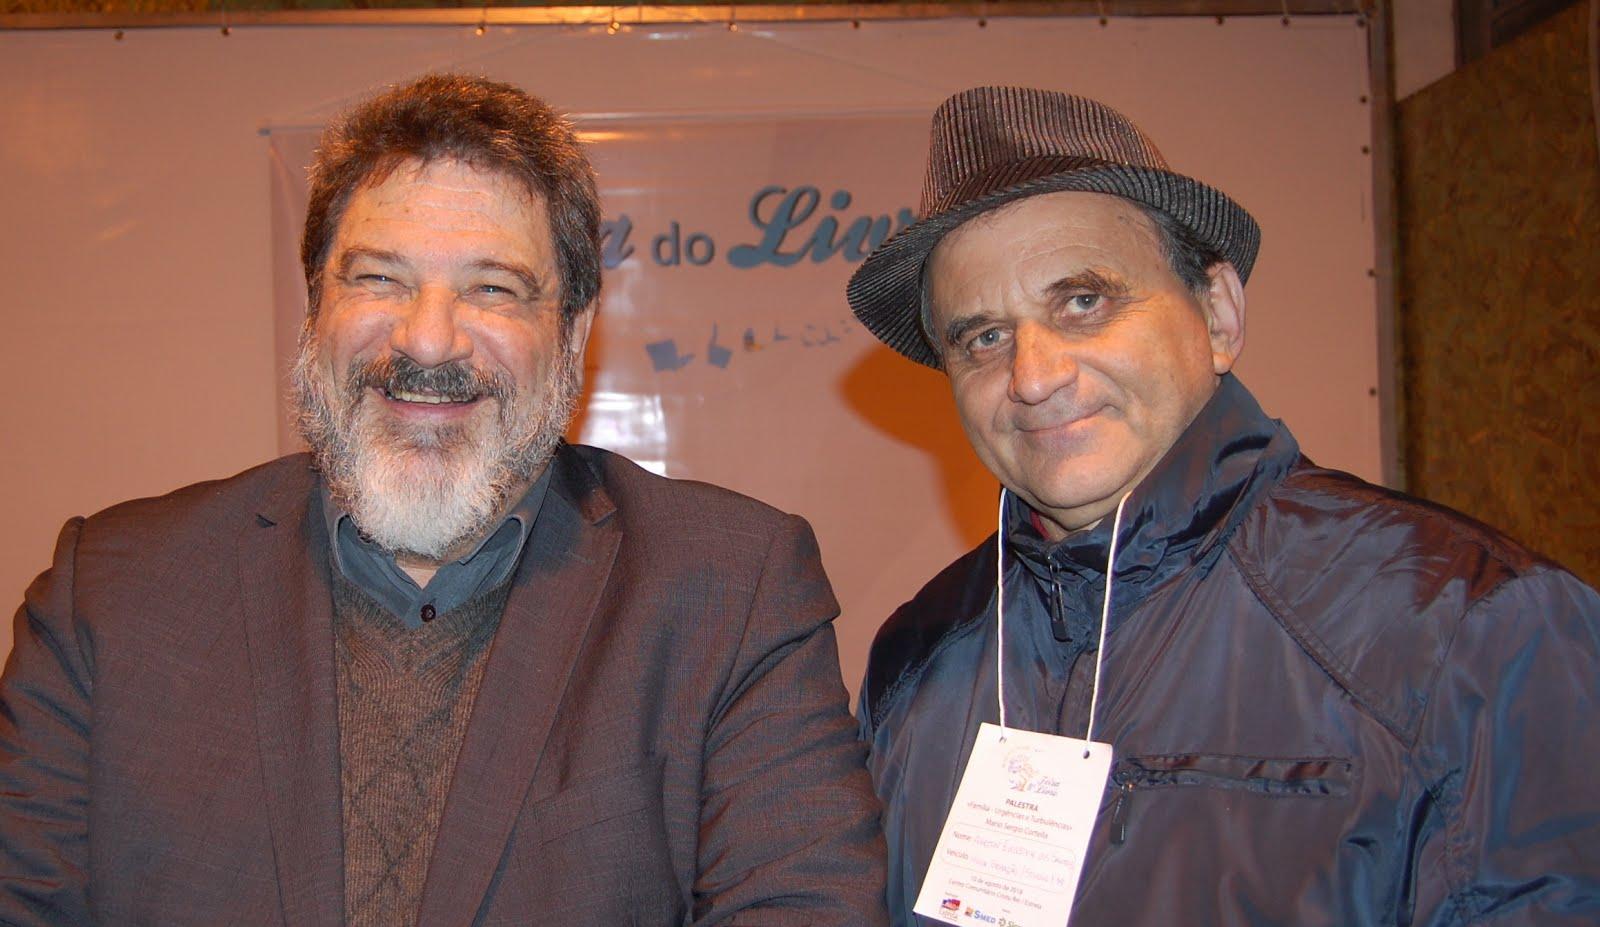 Filósofo e escritor Mario Sérgio Cortella no lançamento da 8ª Feira do Livro de Estrela-RS